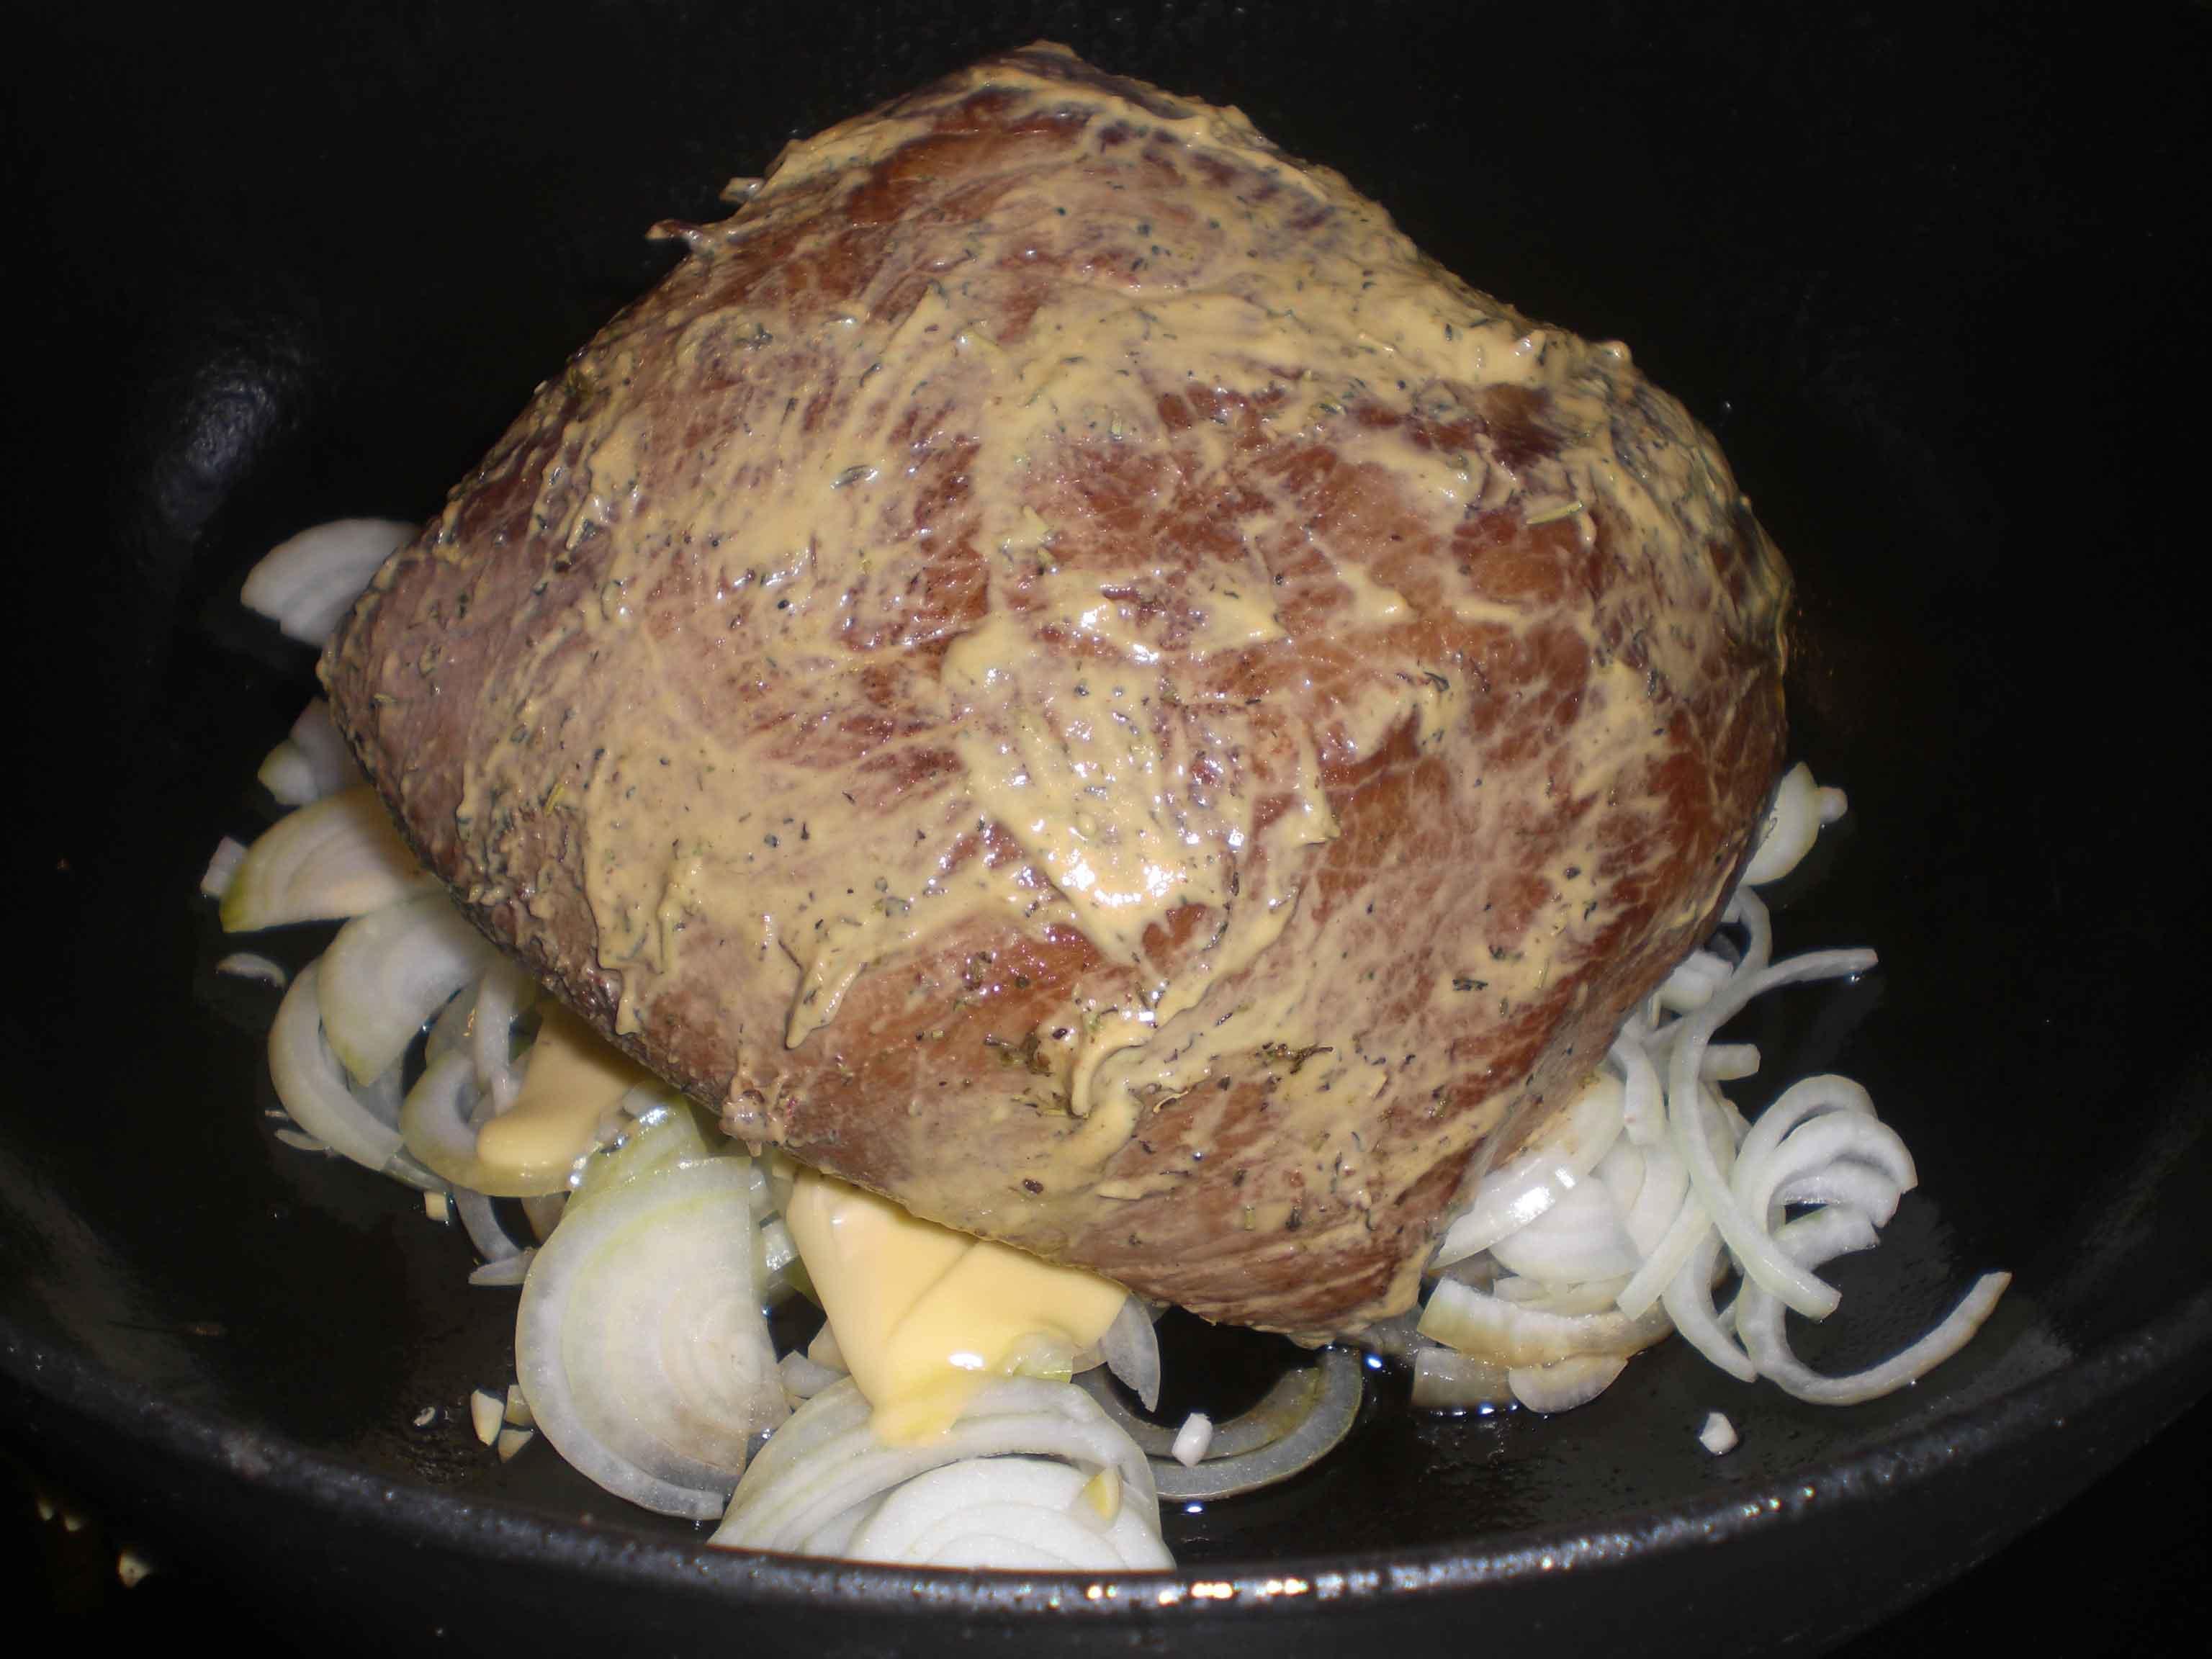 Læg løg, smør og det krydrede kød i gryden.